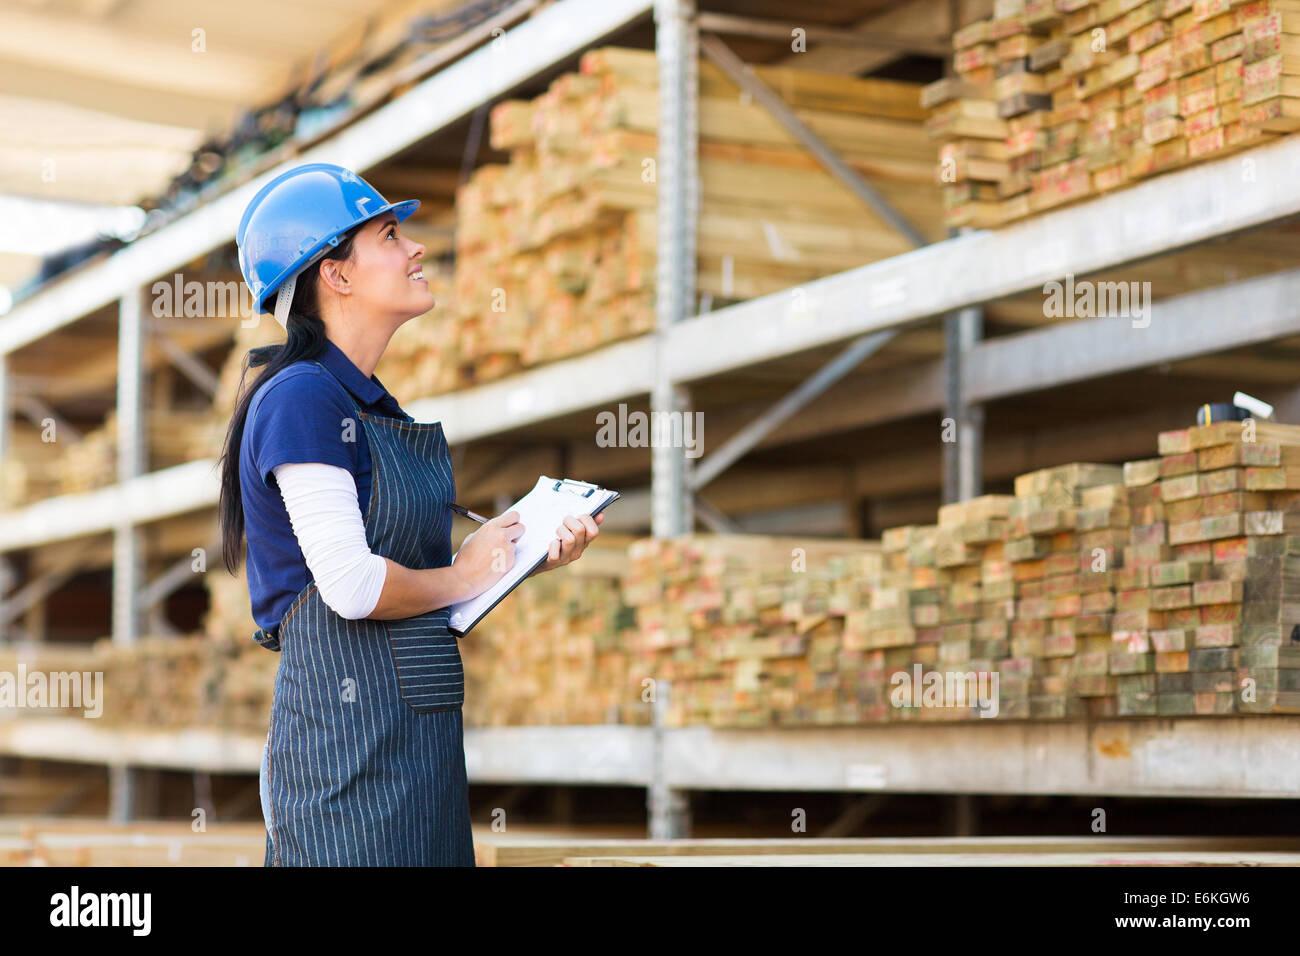 Bellissima femmina lavoratore di inventario in magazzino Immagini Stock